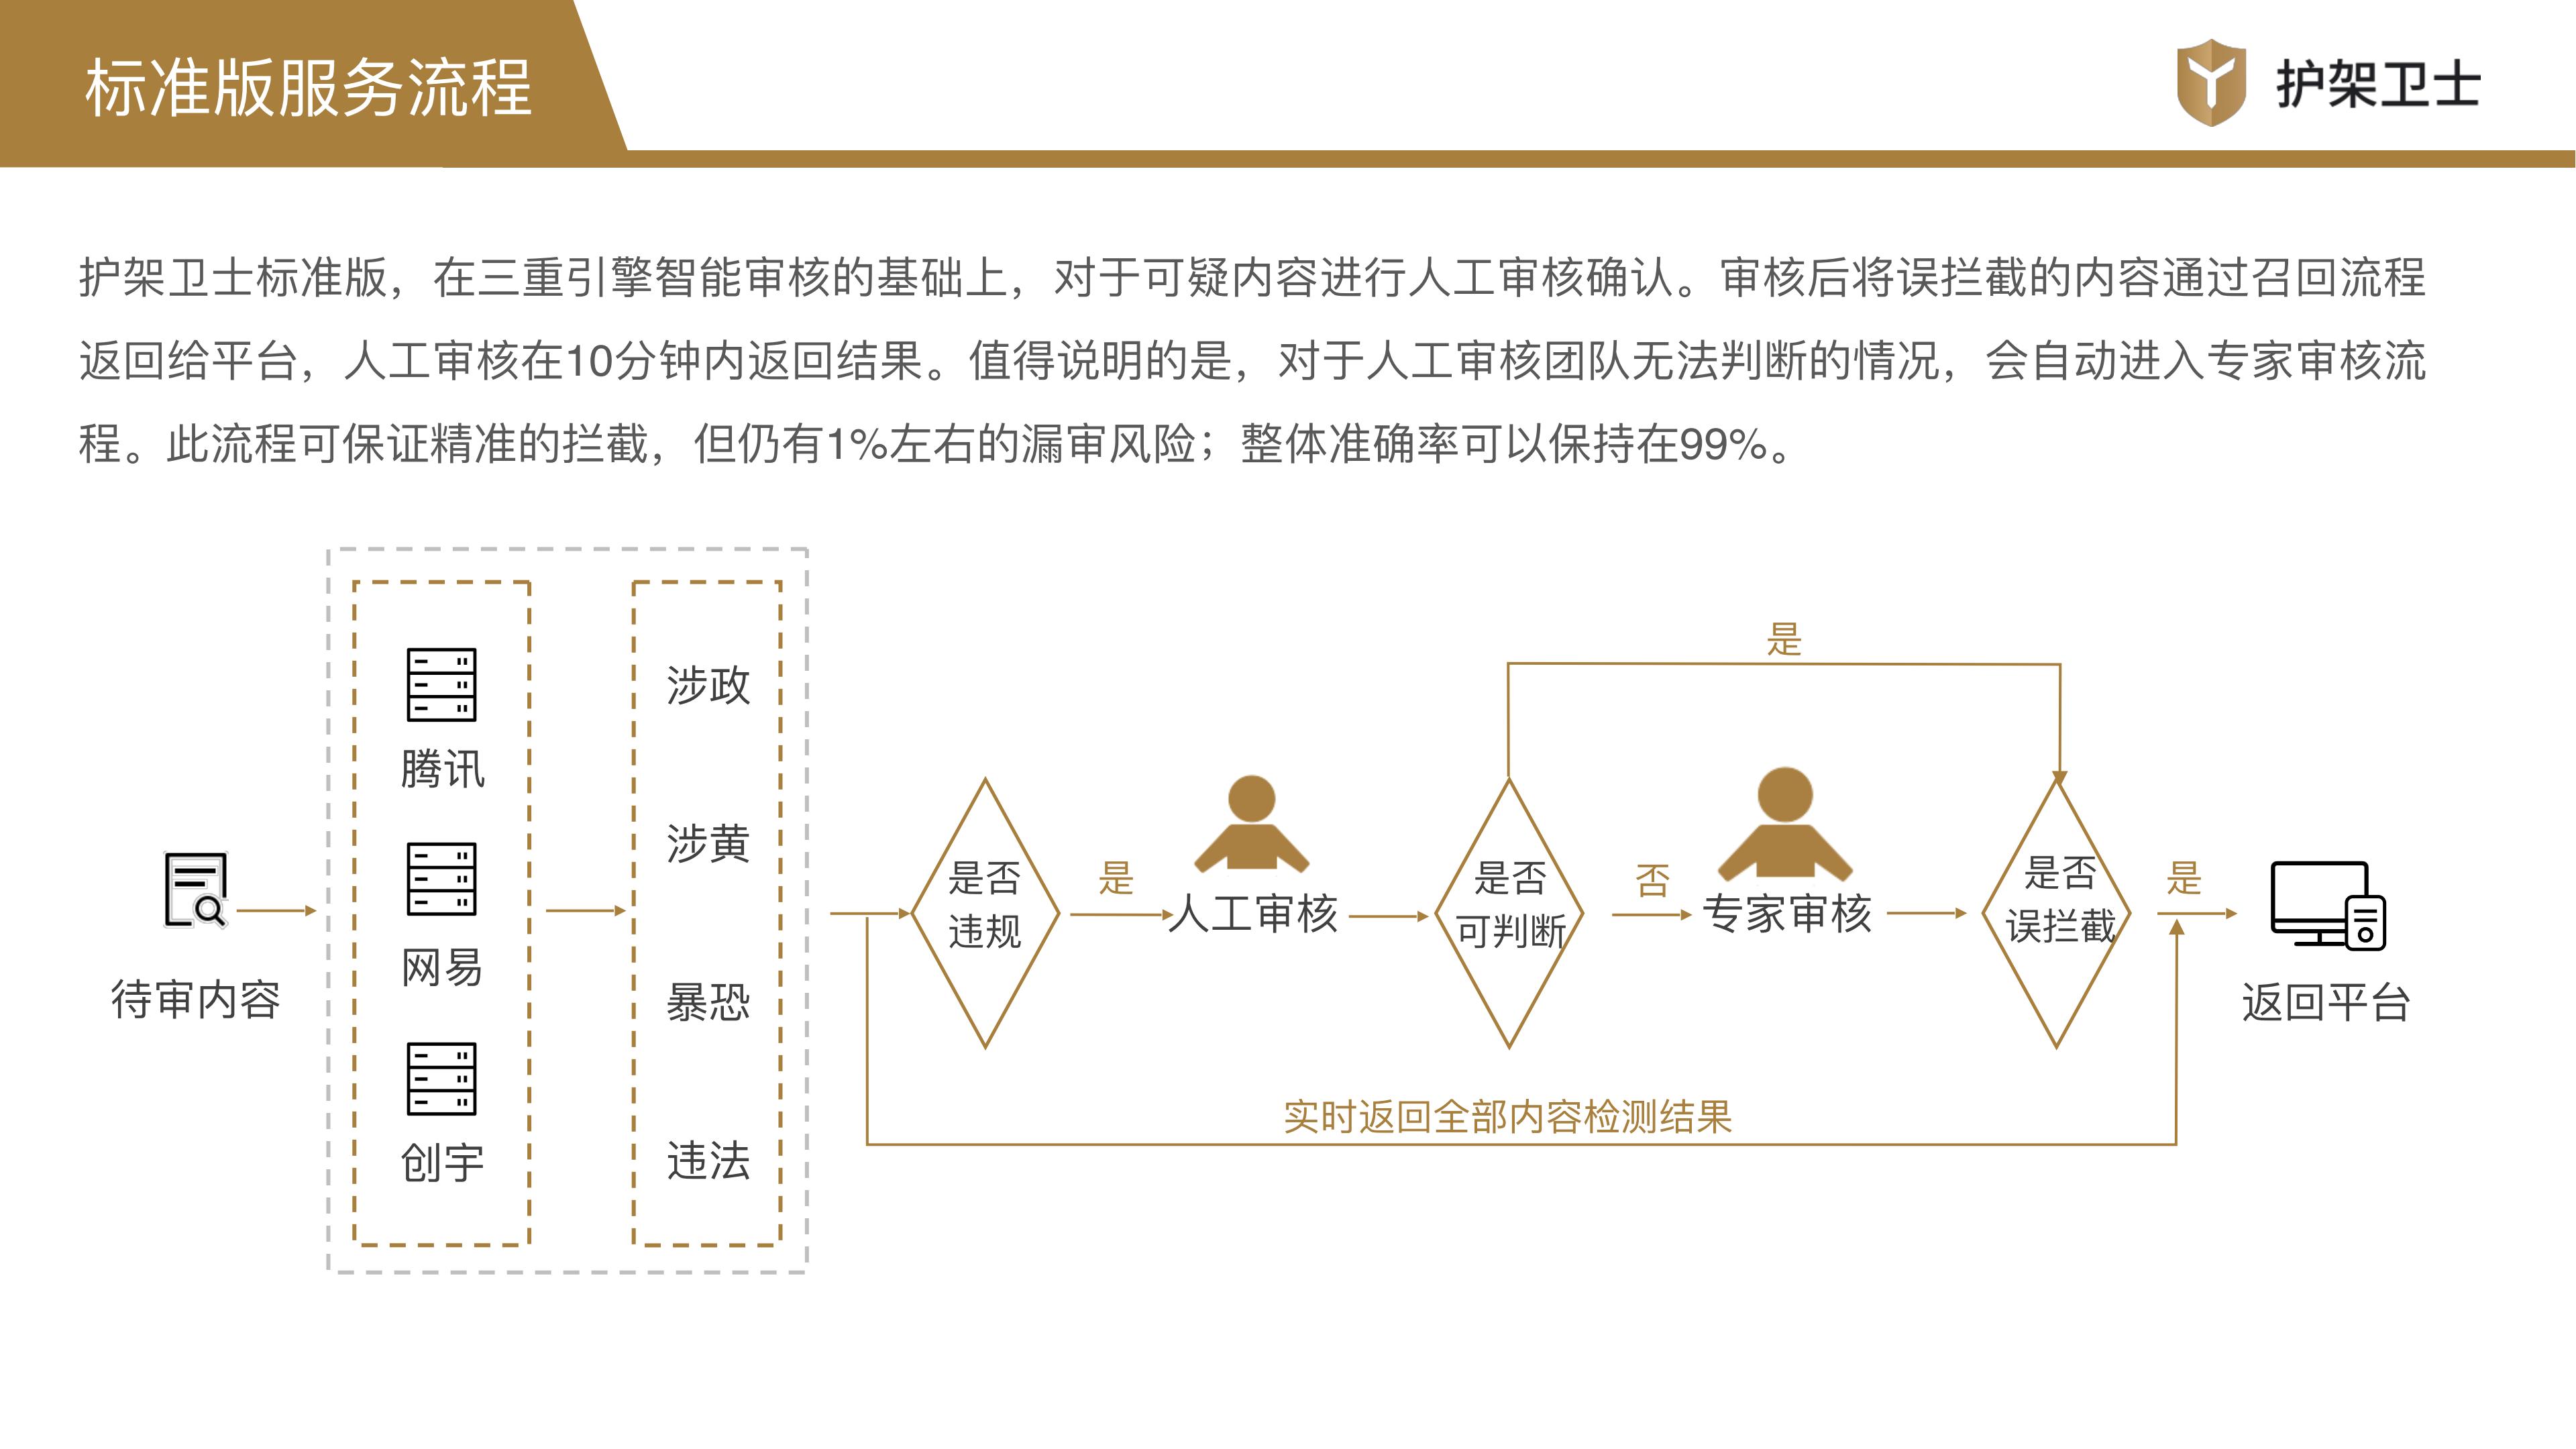 护架卫士产品介绍1.2_12.png